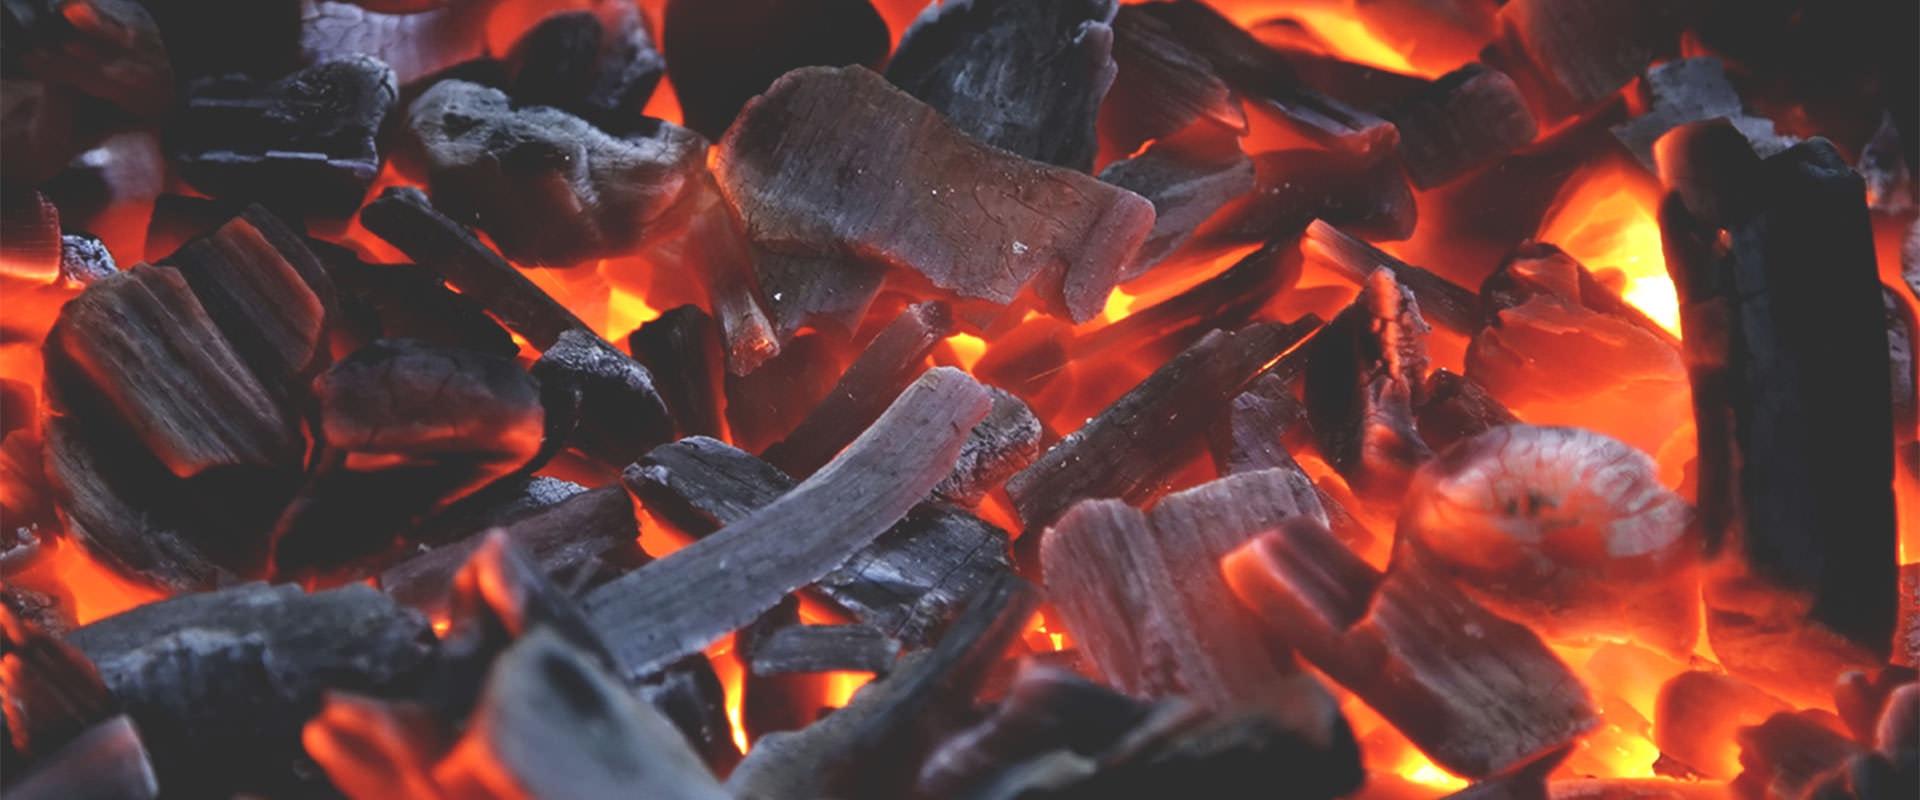 Minőségi szén olcsón